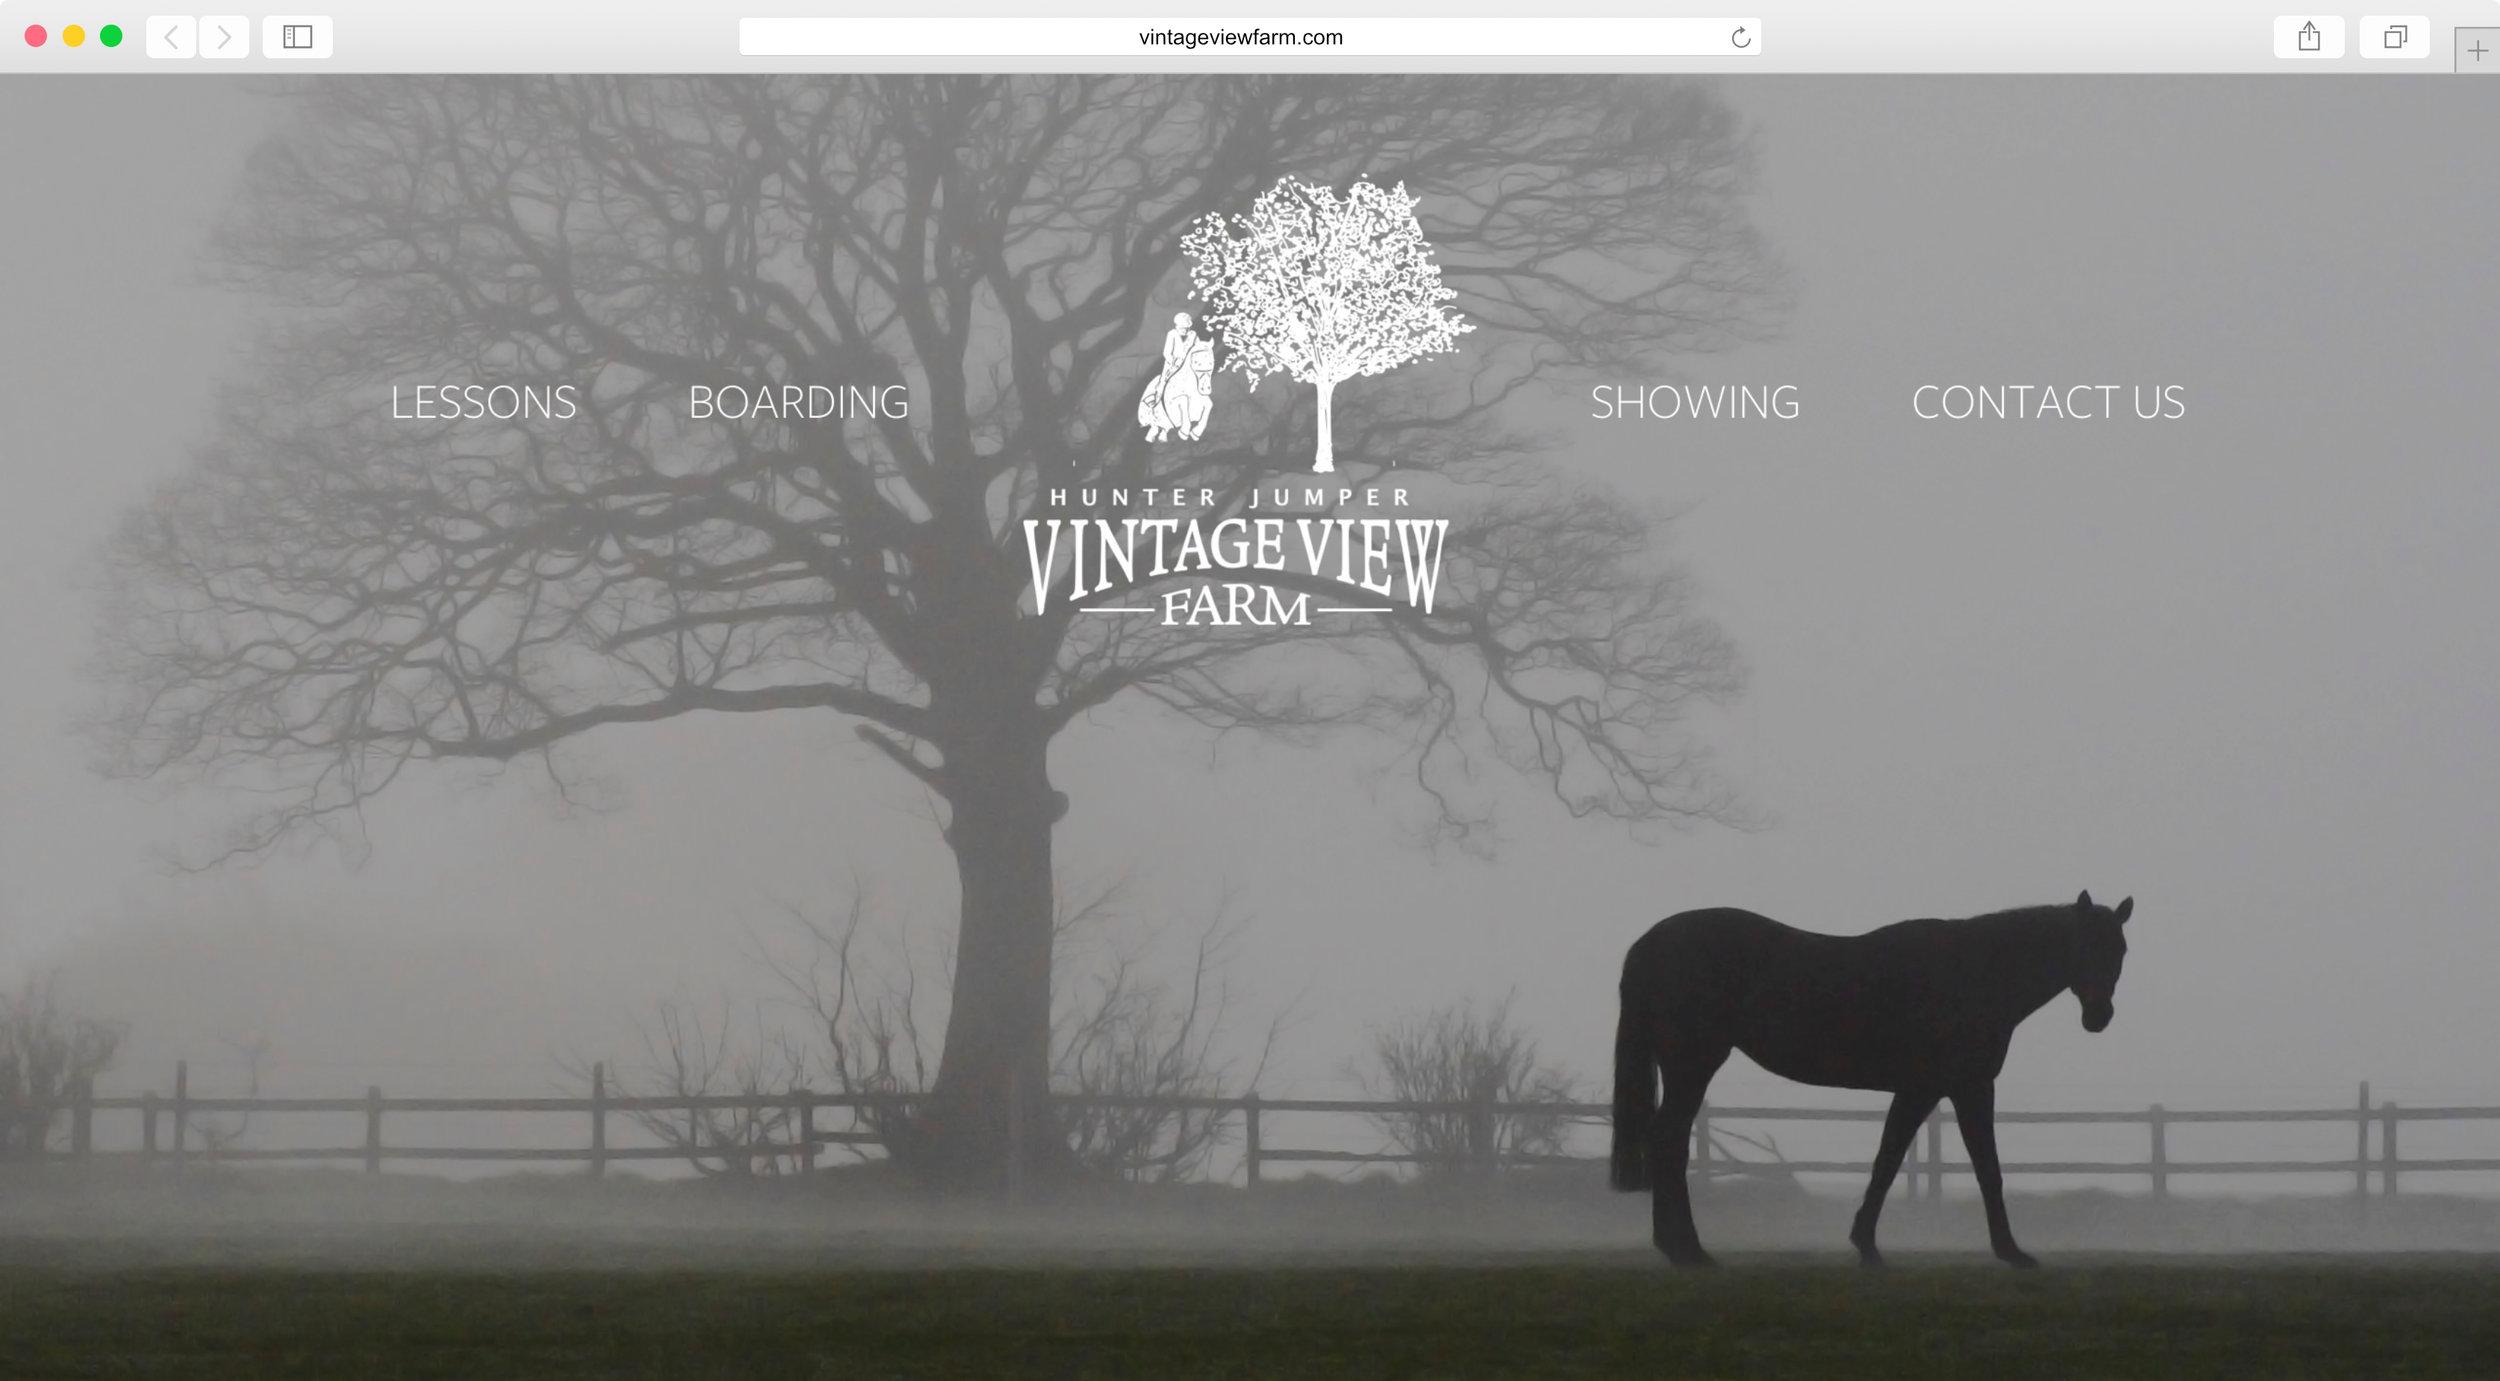 Vintage View Farms